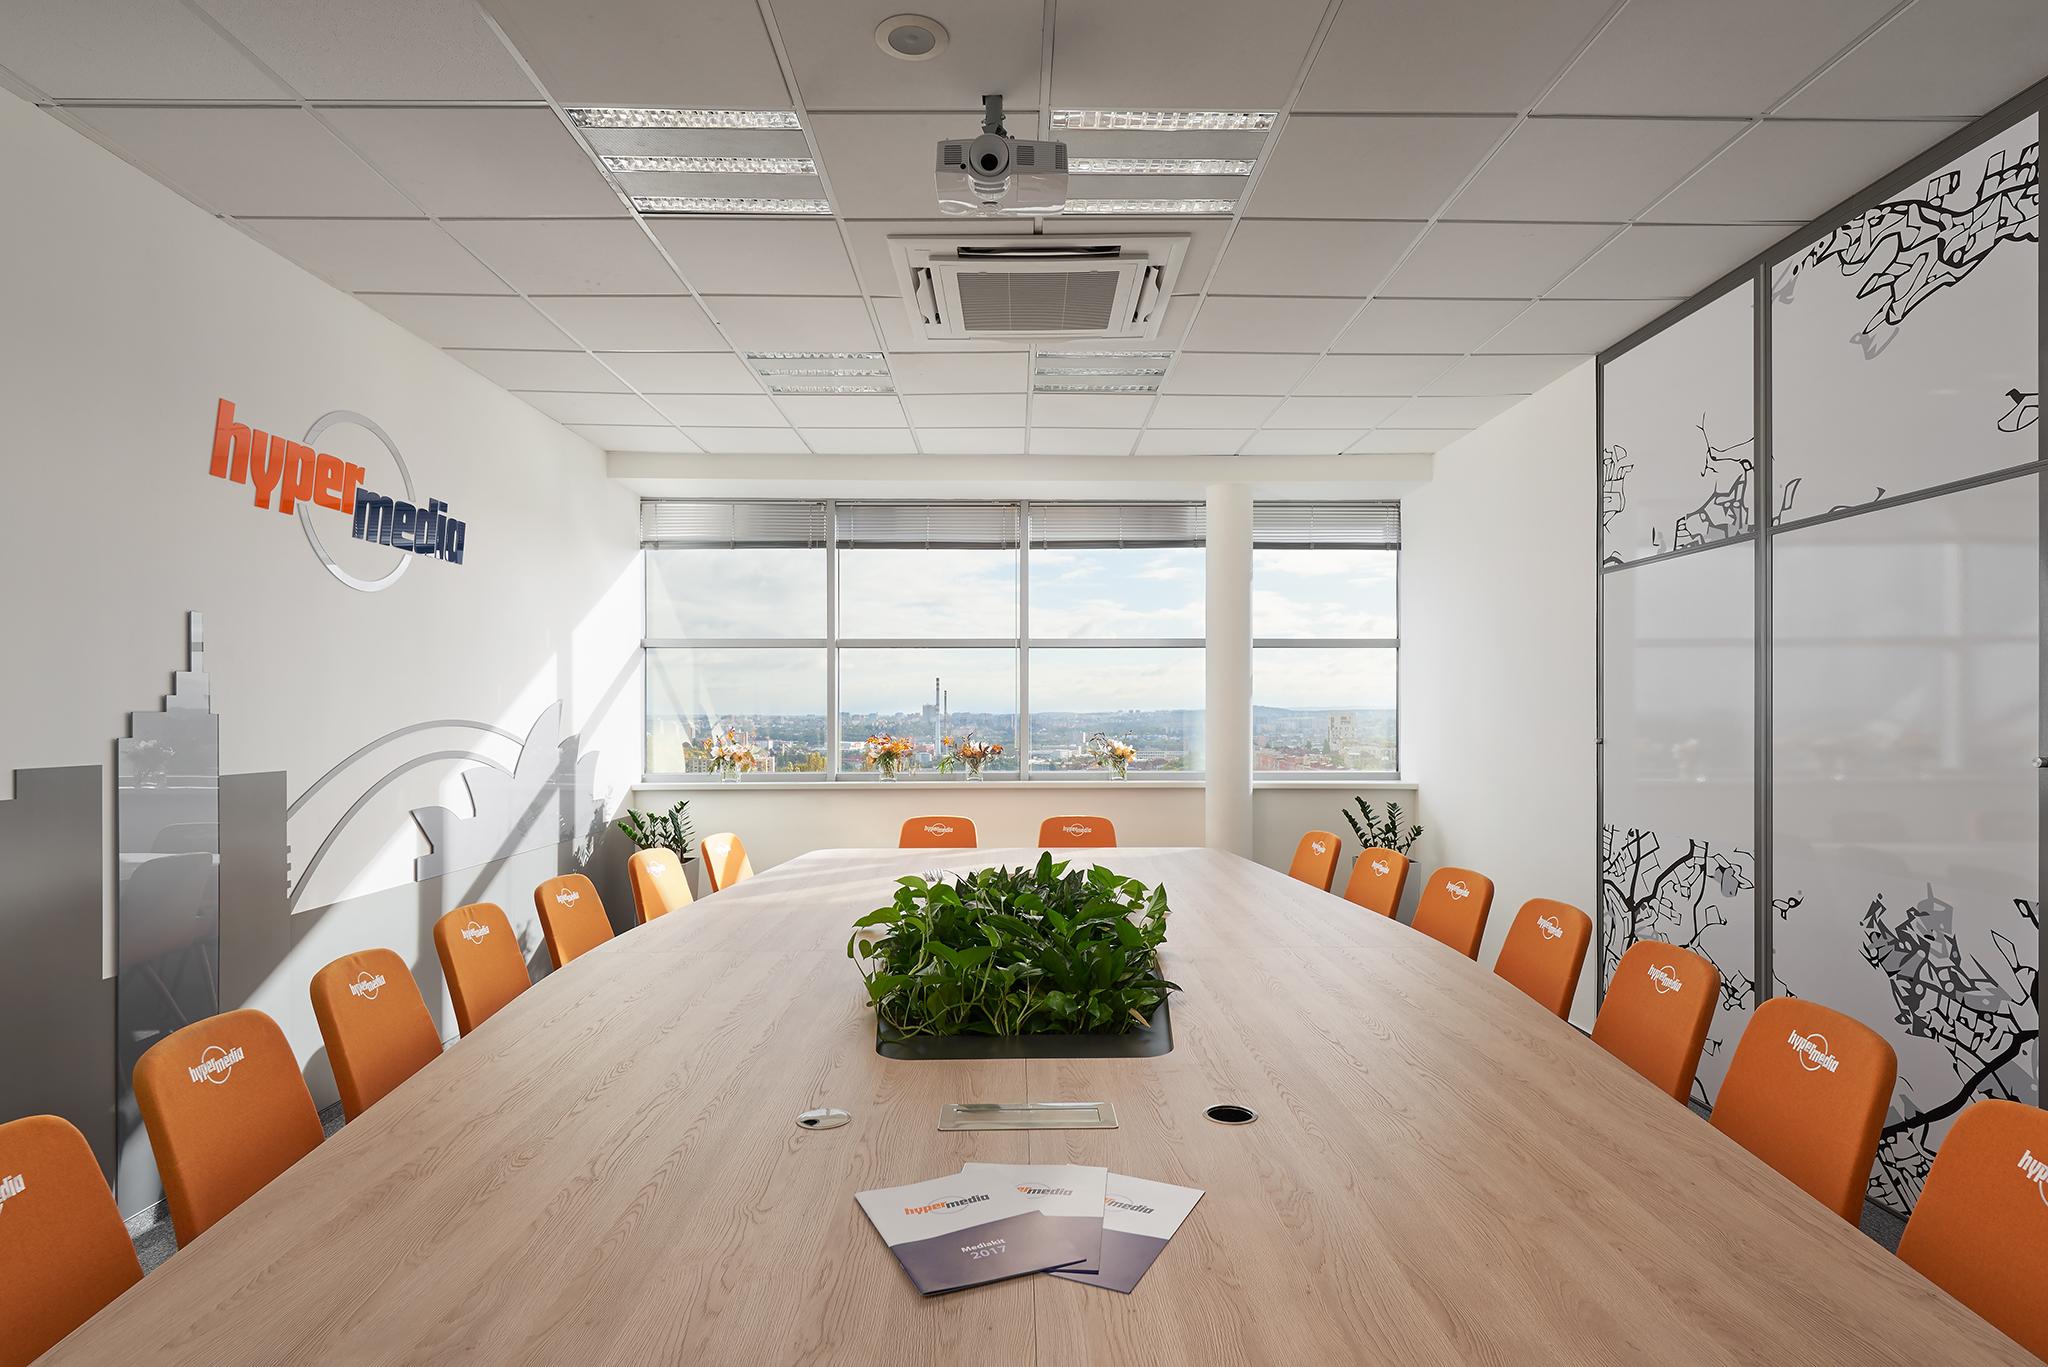 Hypermedia offices